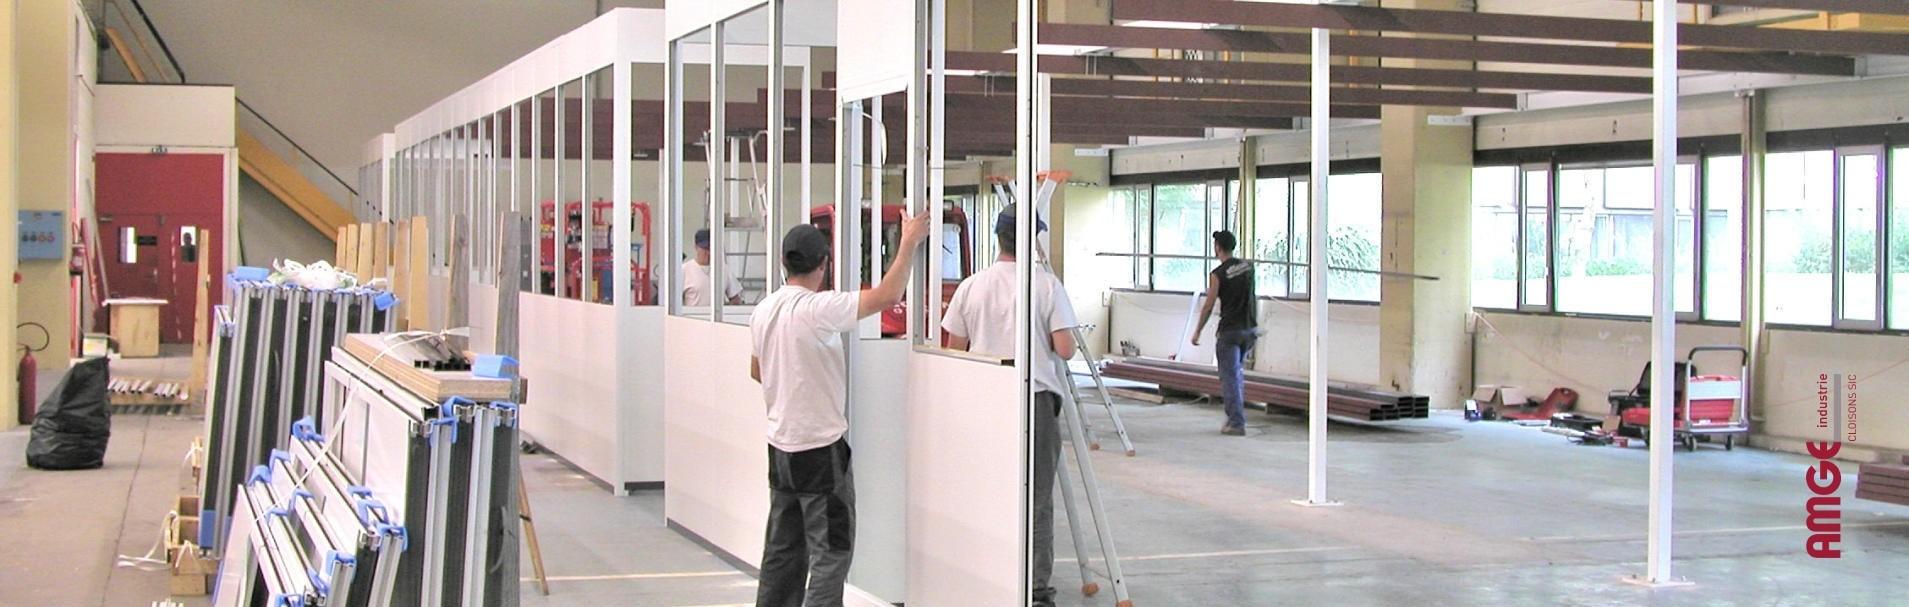 """Installation de cloisons, cabines et plateformes : - <h2 style=""""text-align: center;"""">dans le cadre de son développement commercial, AMGE industrie, fabricant de cloisons industrielles, cloisons de bureaux, cabines d'atelier et locaux techniques recherche des partenaires pour l'installation de ses produits</h2>"""